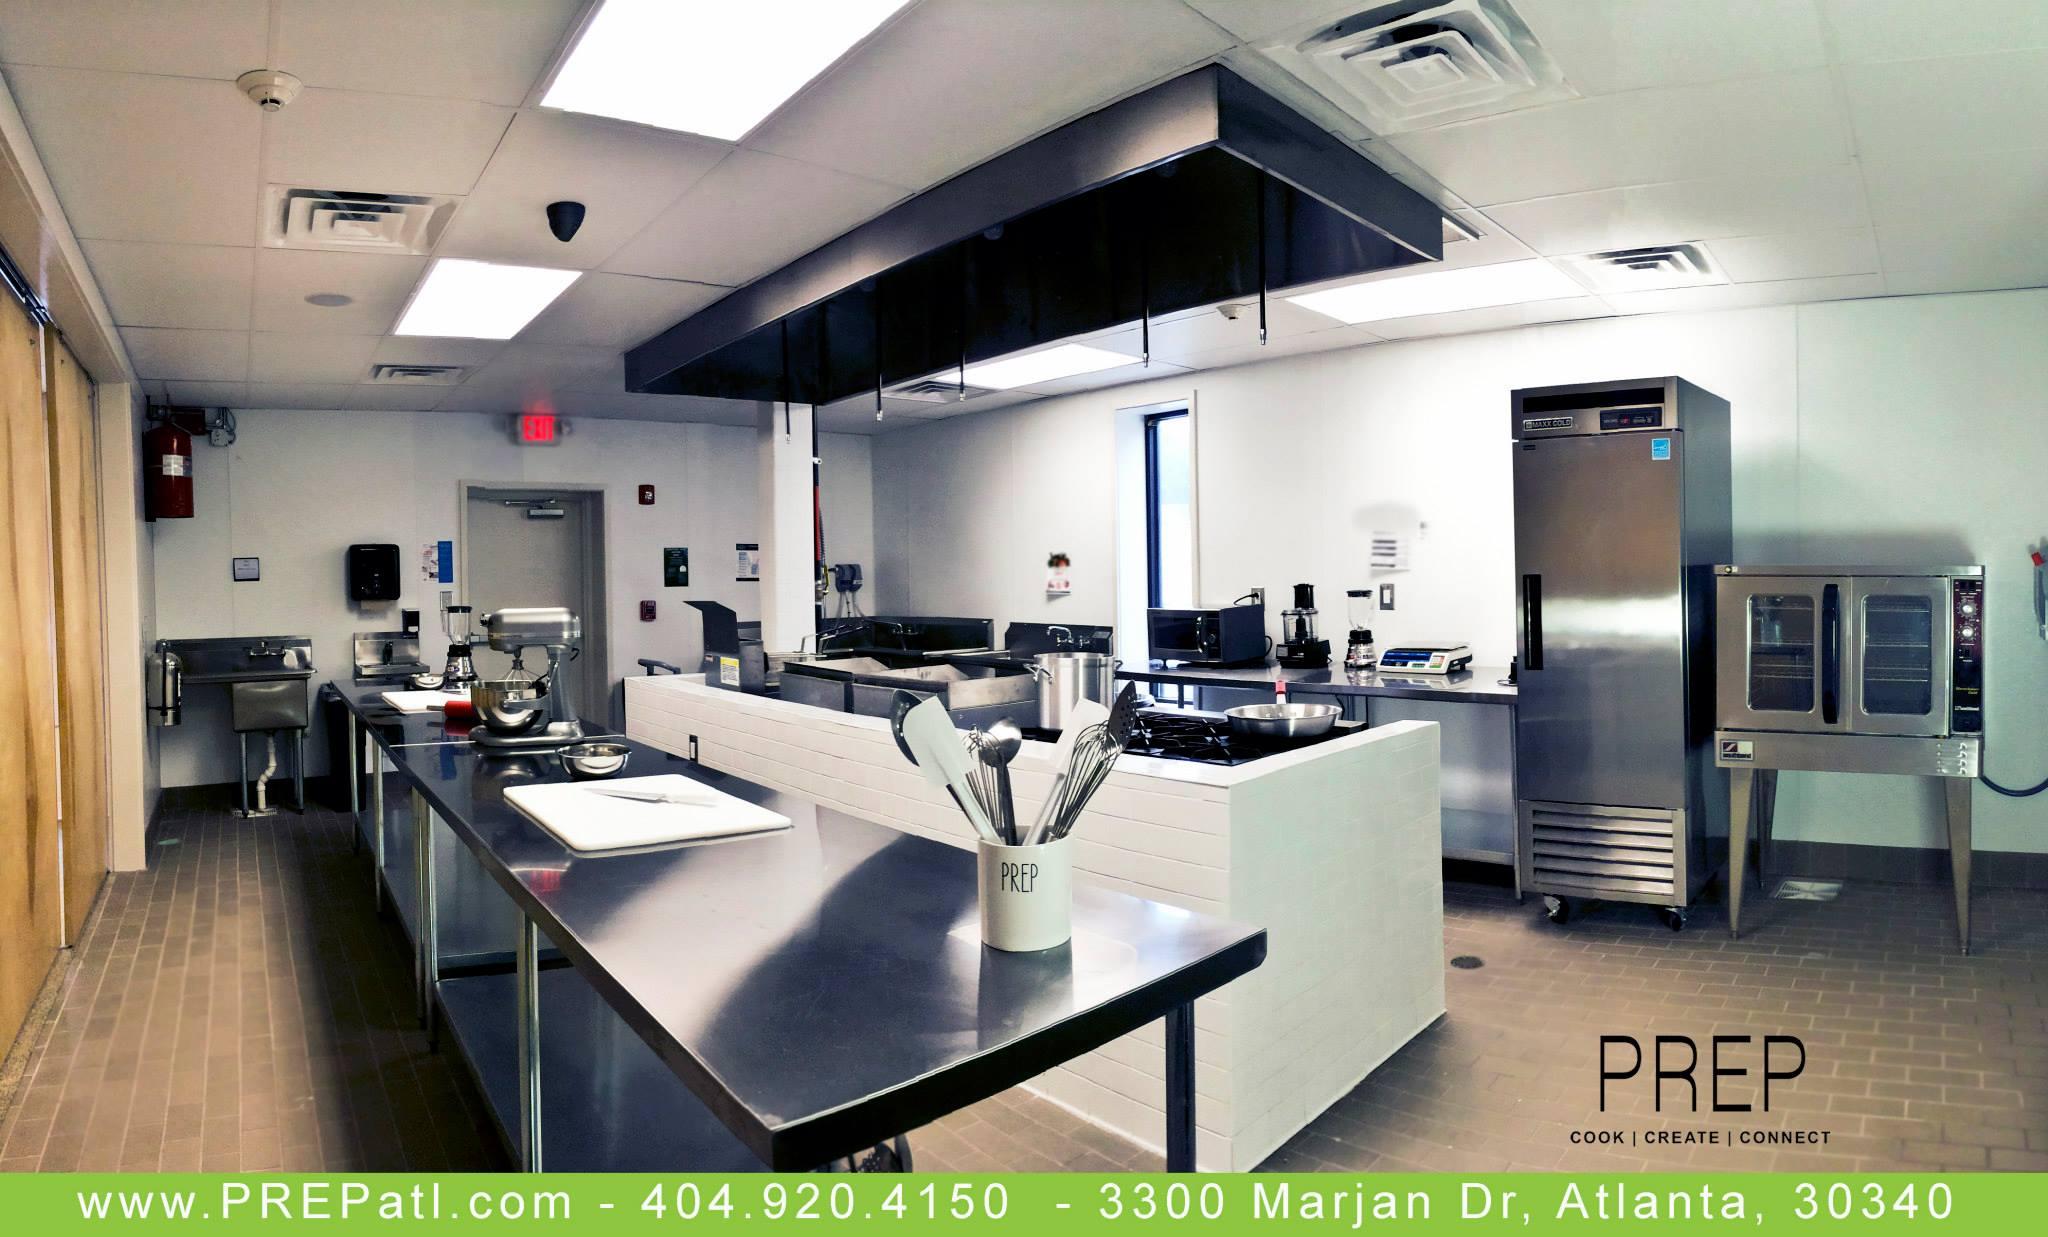 prep atlanta shared kitchen food truck kitchens - Shared Kitchen